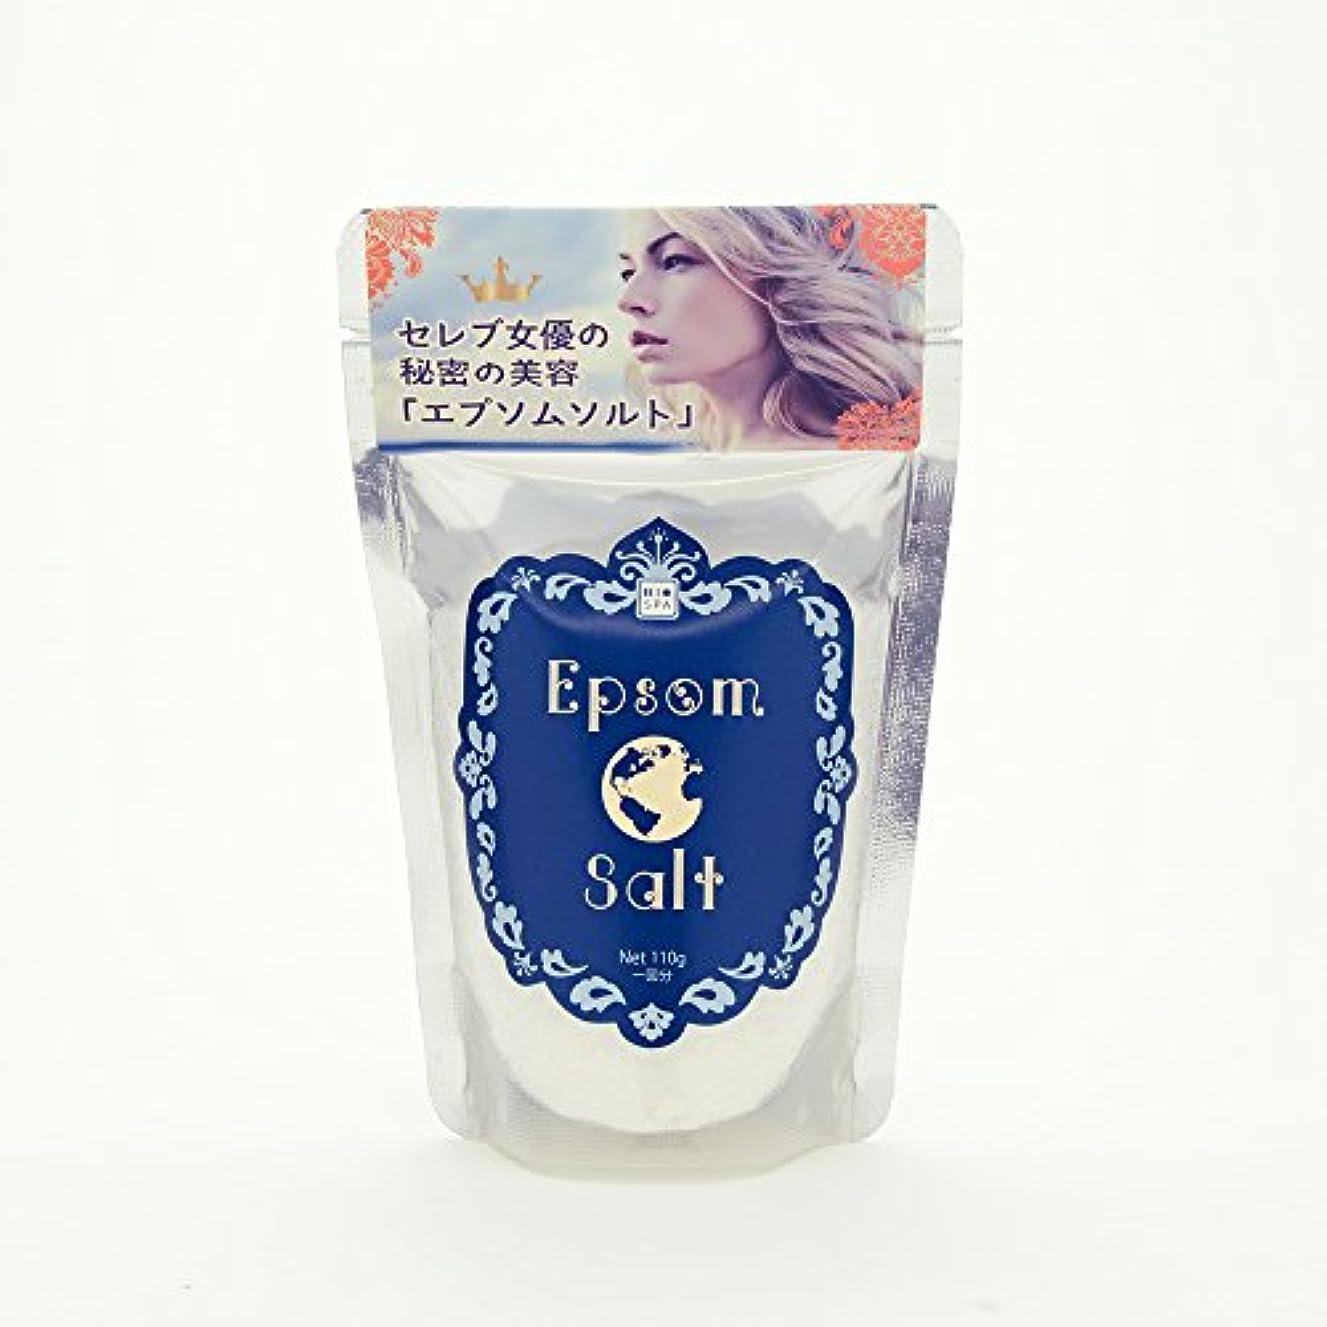 僕のすべきマディソンビオスパ エプソムソルト【110g/1回分】(浴用化粧品)